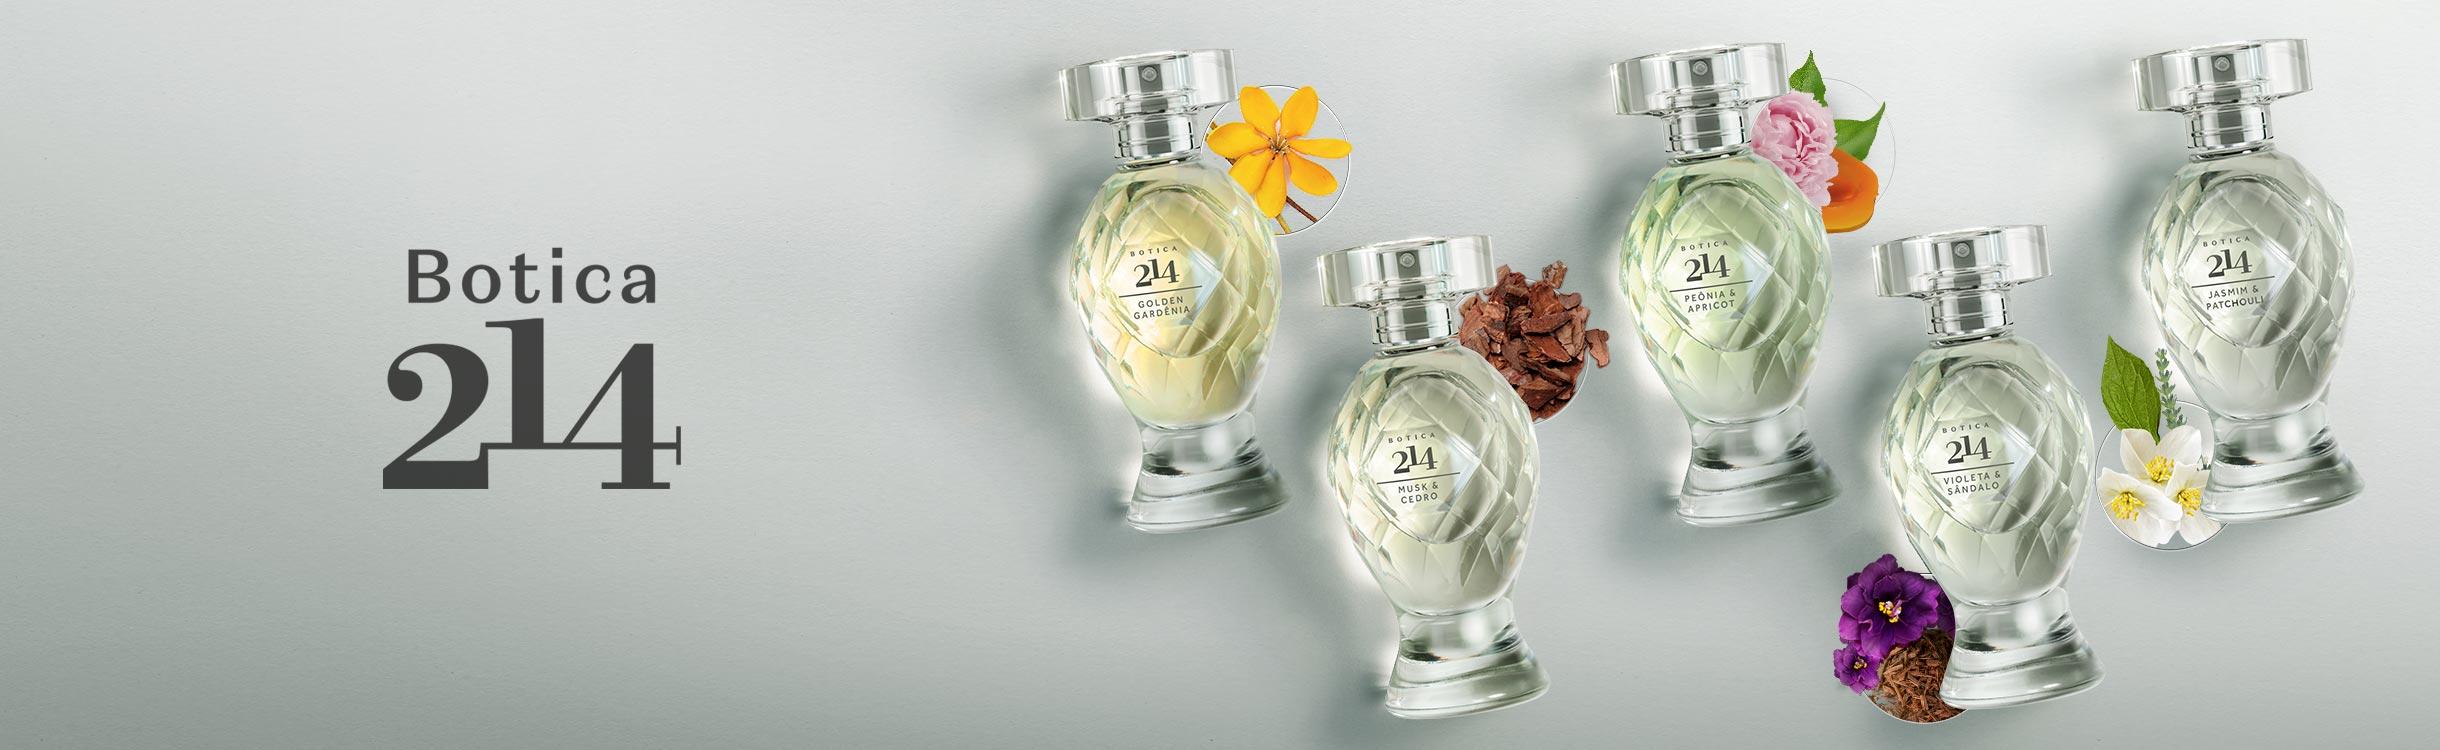 Botica 214 Perfumaria Feminino